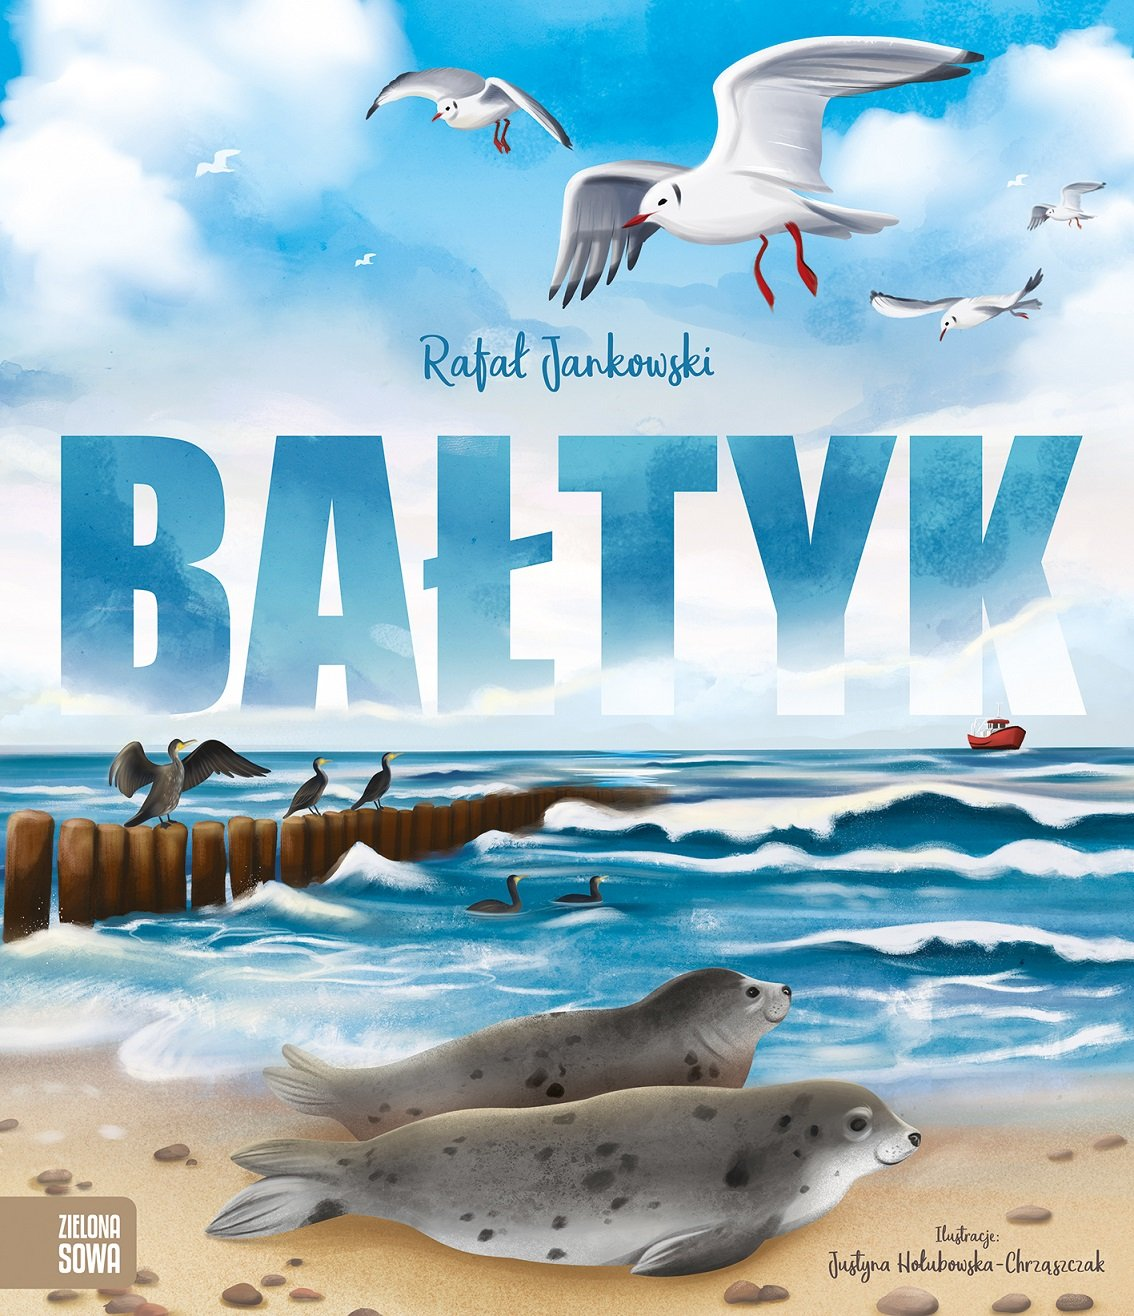 Bałtyk - fascynująca książka dla dzieci